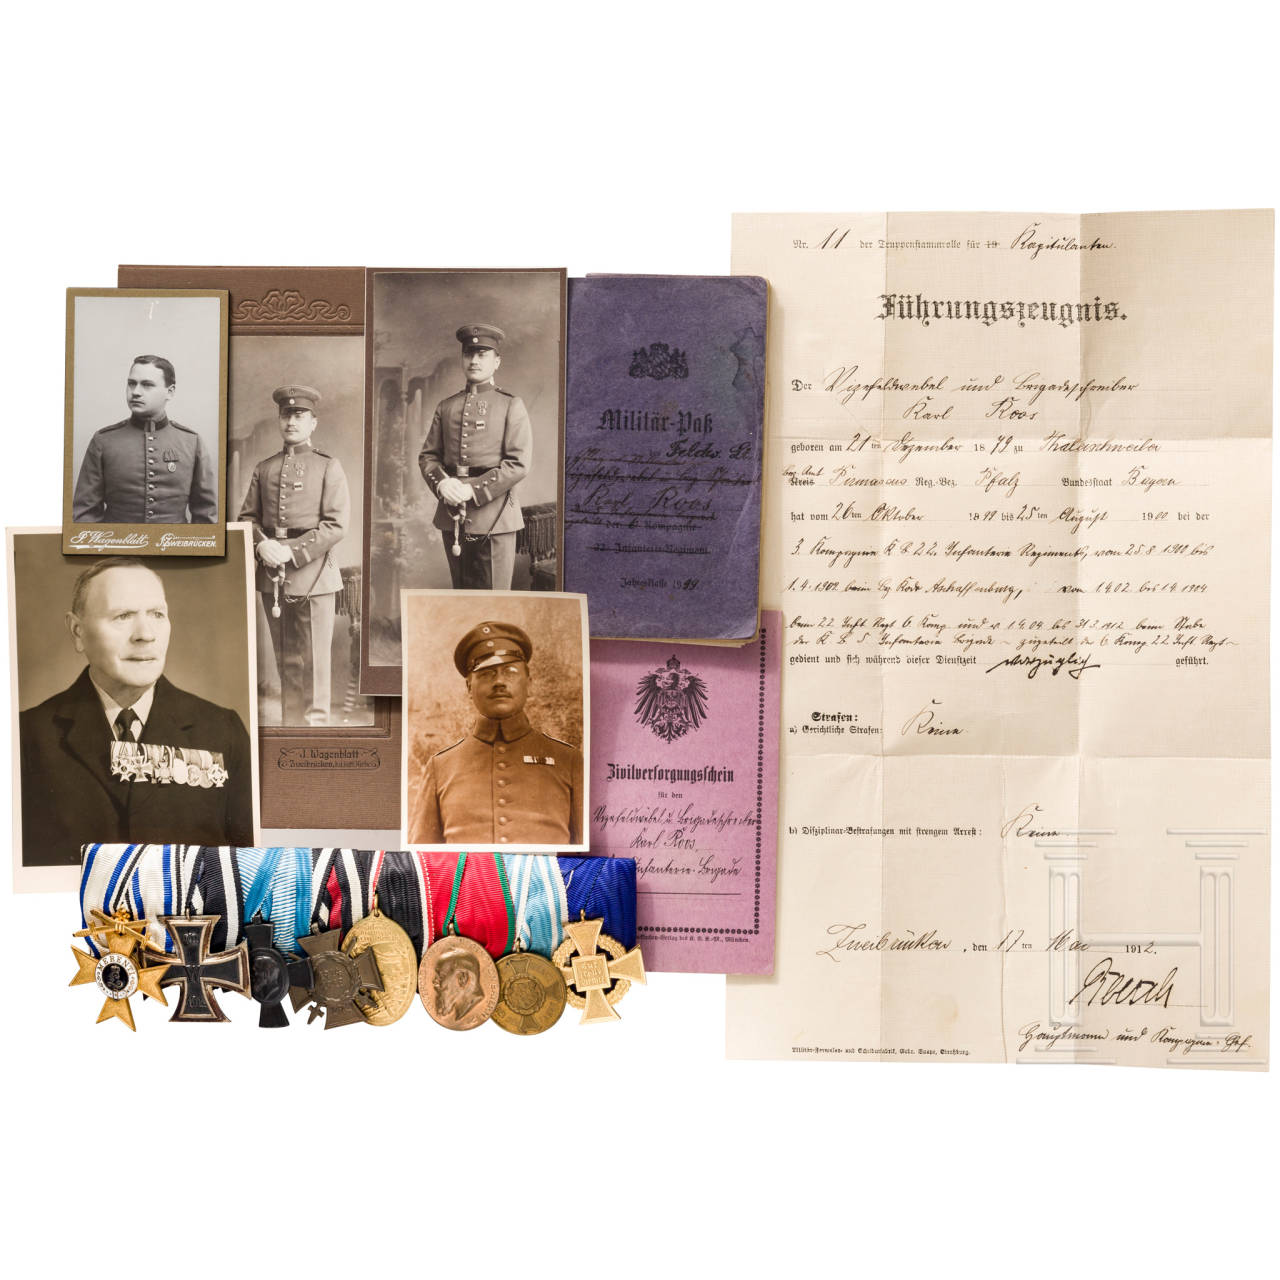 Achtteilige Ordensschnalle eines Feldwebel-Leutnants im Armierungs-Bataillon 15, Bayern